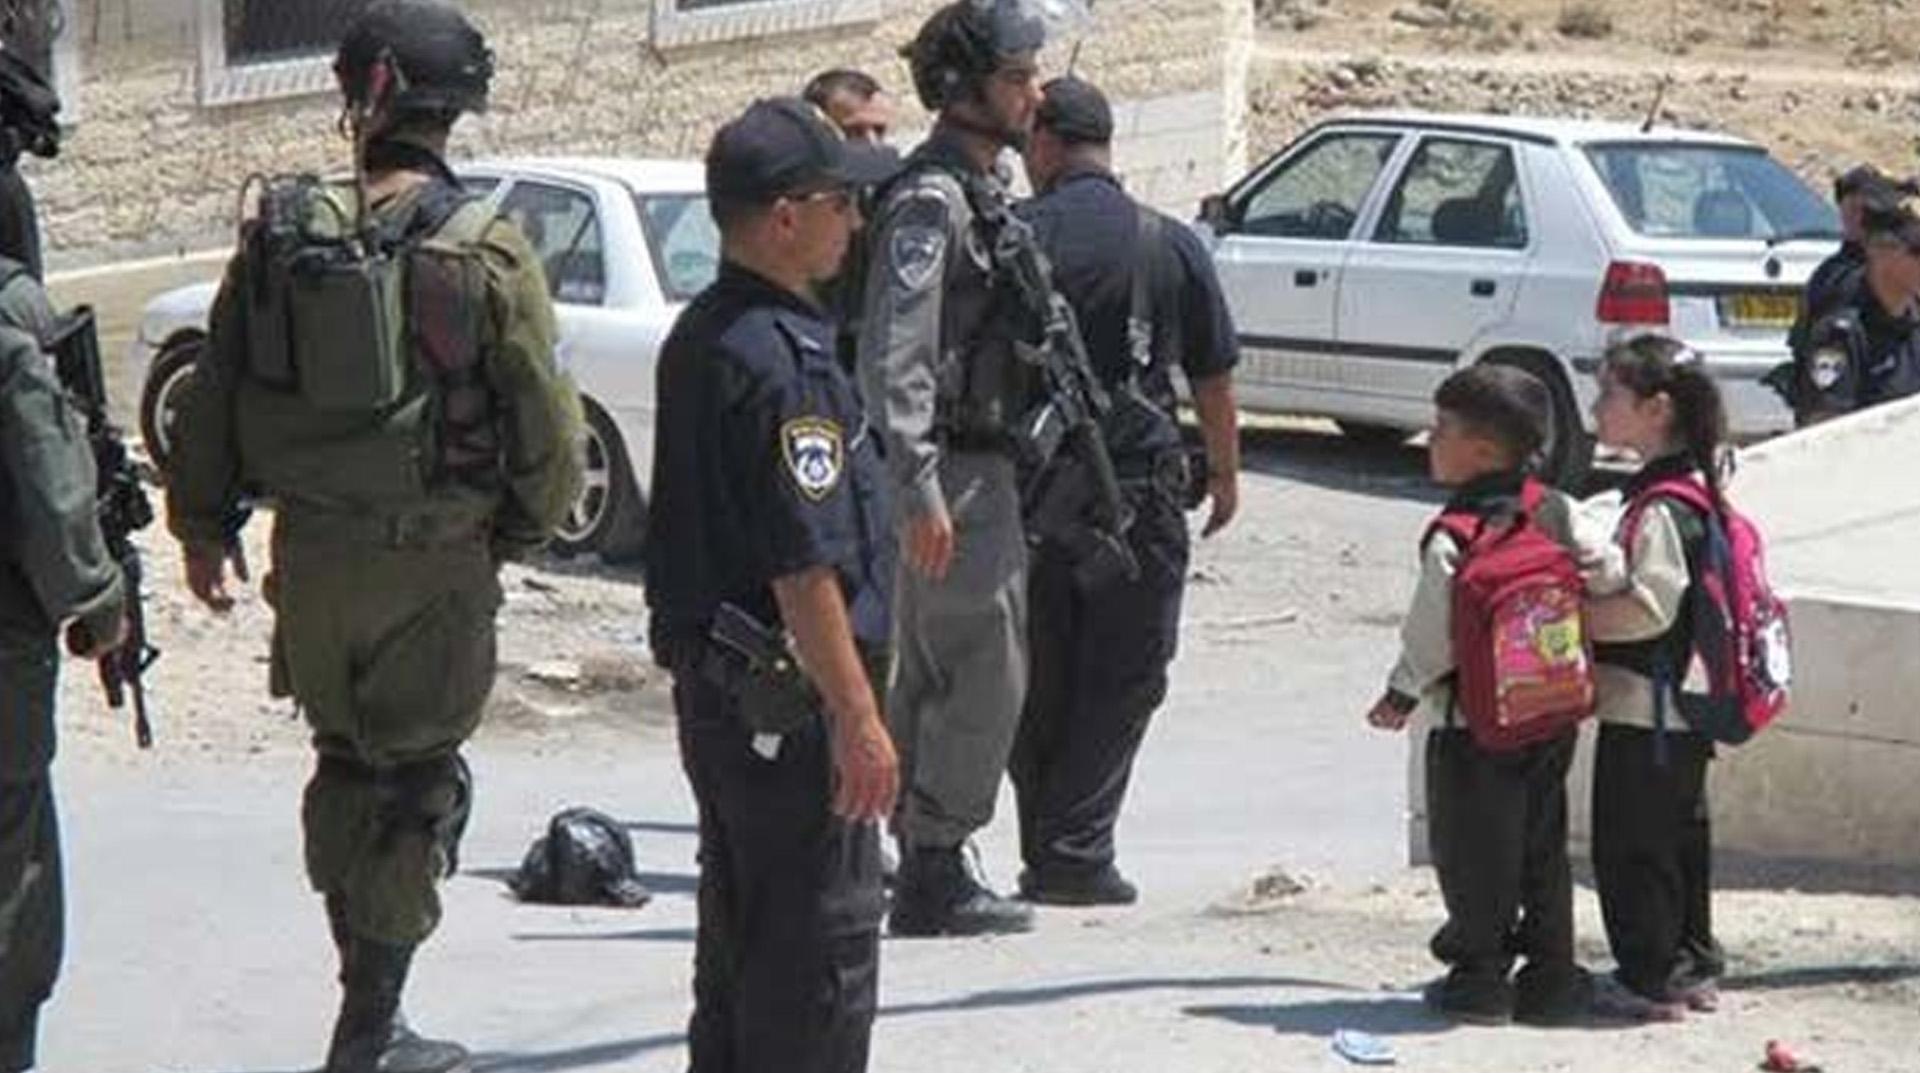 Gazze'den atılan roketler nedeniyle Tel Aviv'de okul ve iş yerleri tatil edildi